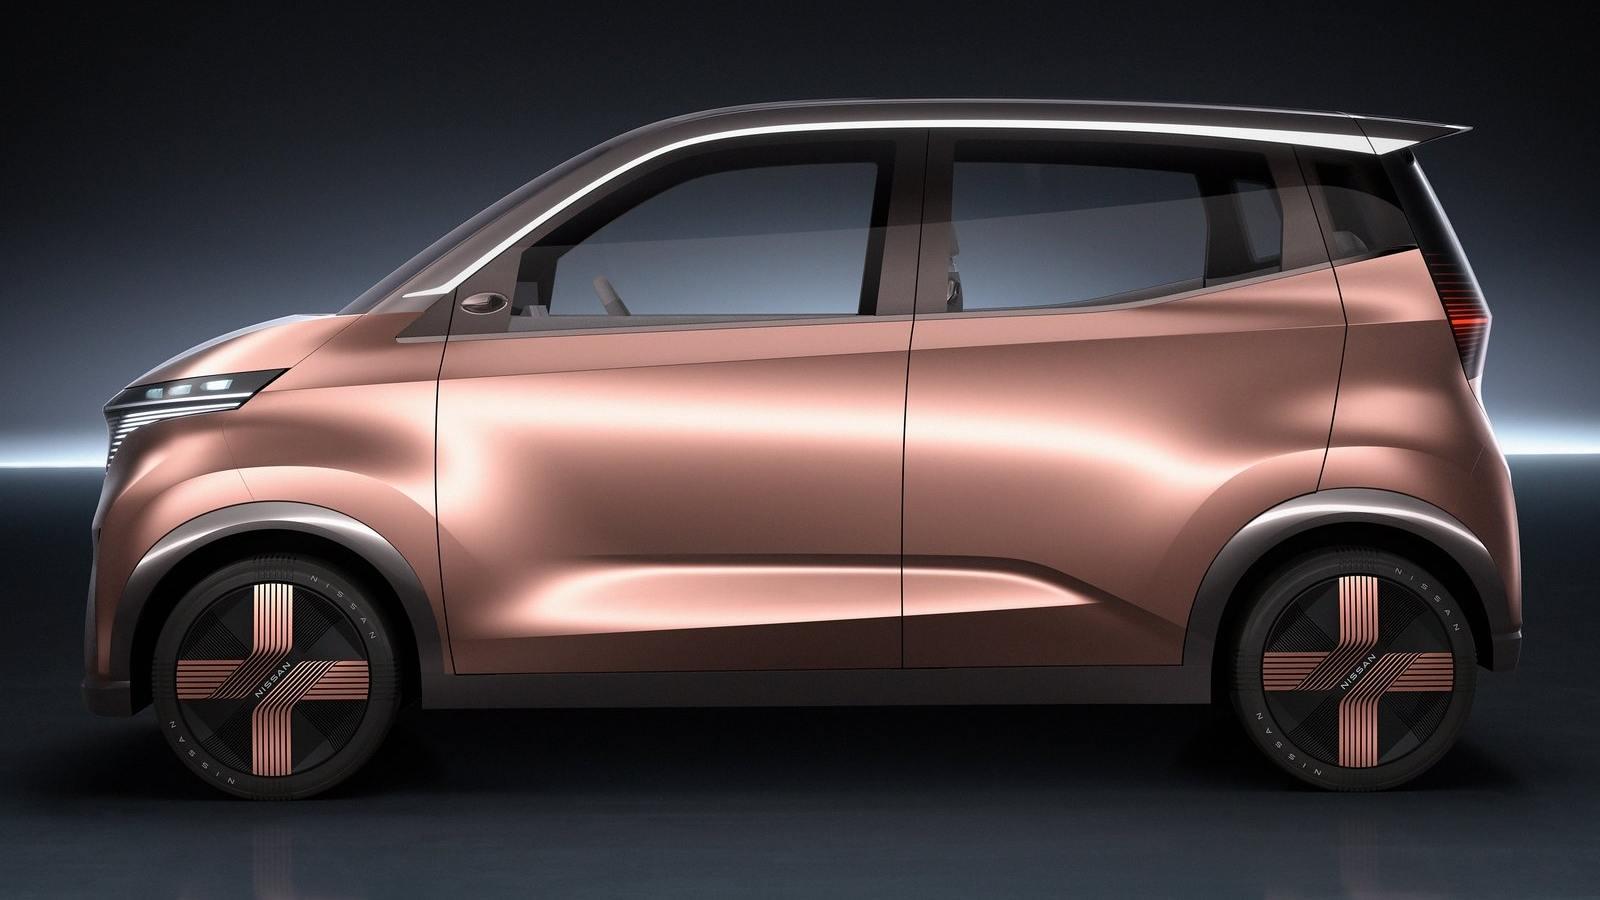 La microvoiture électrique de Nissan sera également dotée de systèmes avancés d'aide à la conduite.  Image : Nissan